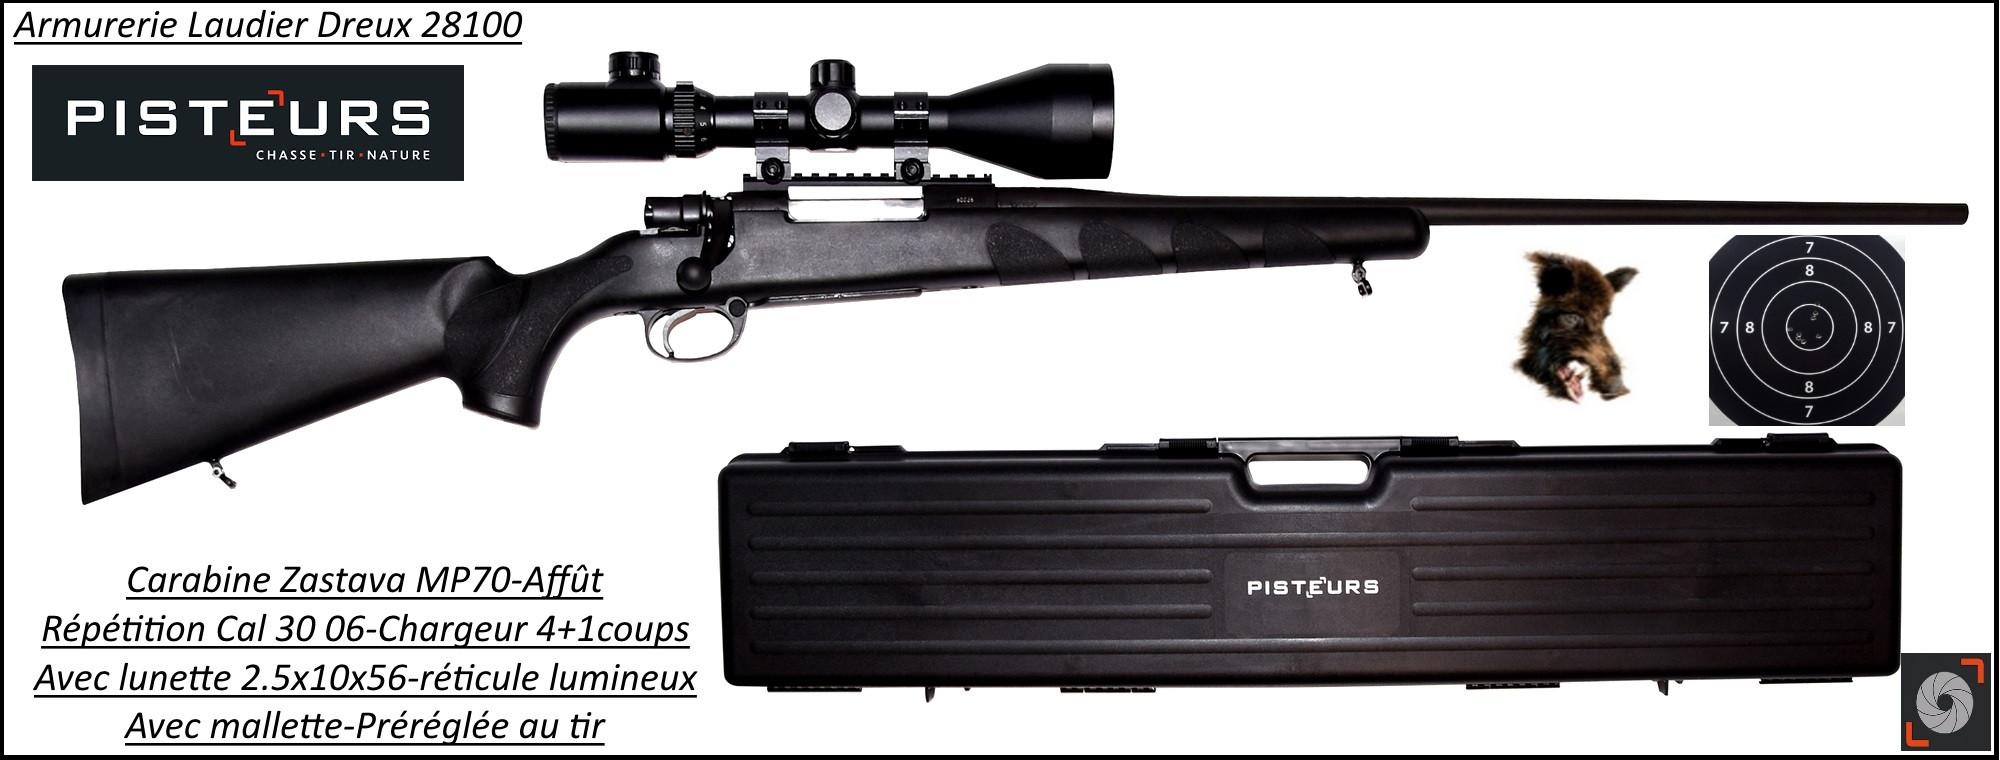 Carabine-Zastava-MP 70-Calibre-30-06-Répétition-Crosse synthétique-Avec lunette -mallette-Promotion-Ref 34915